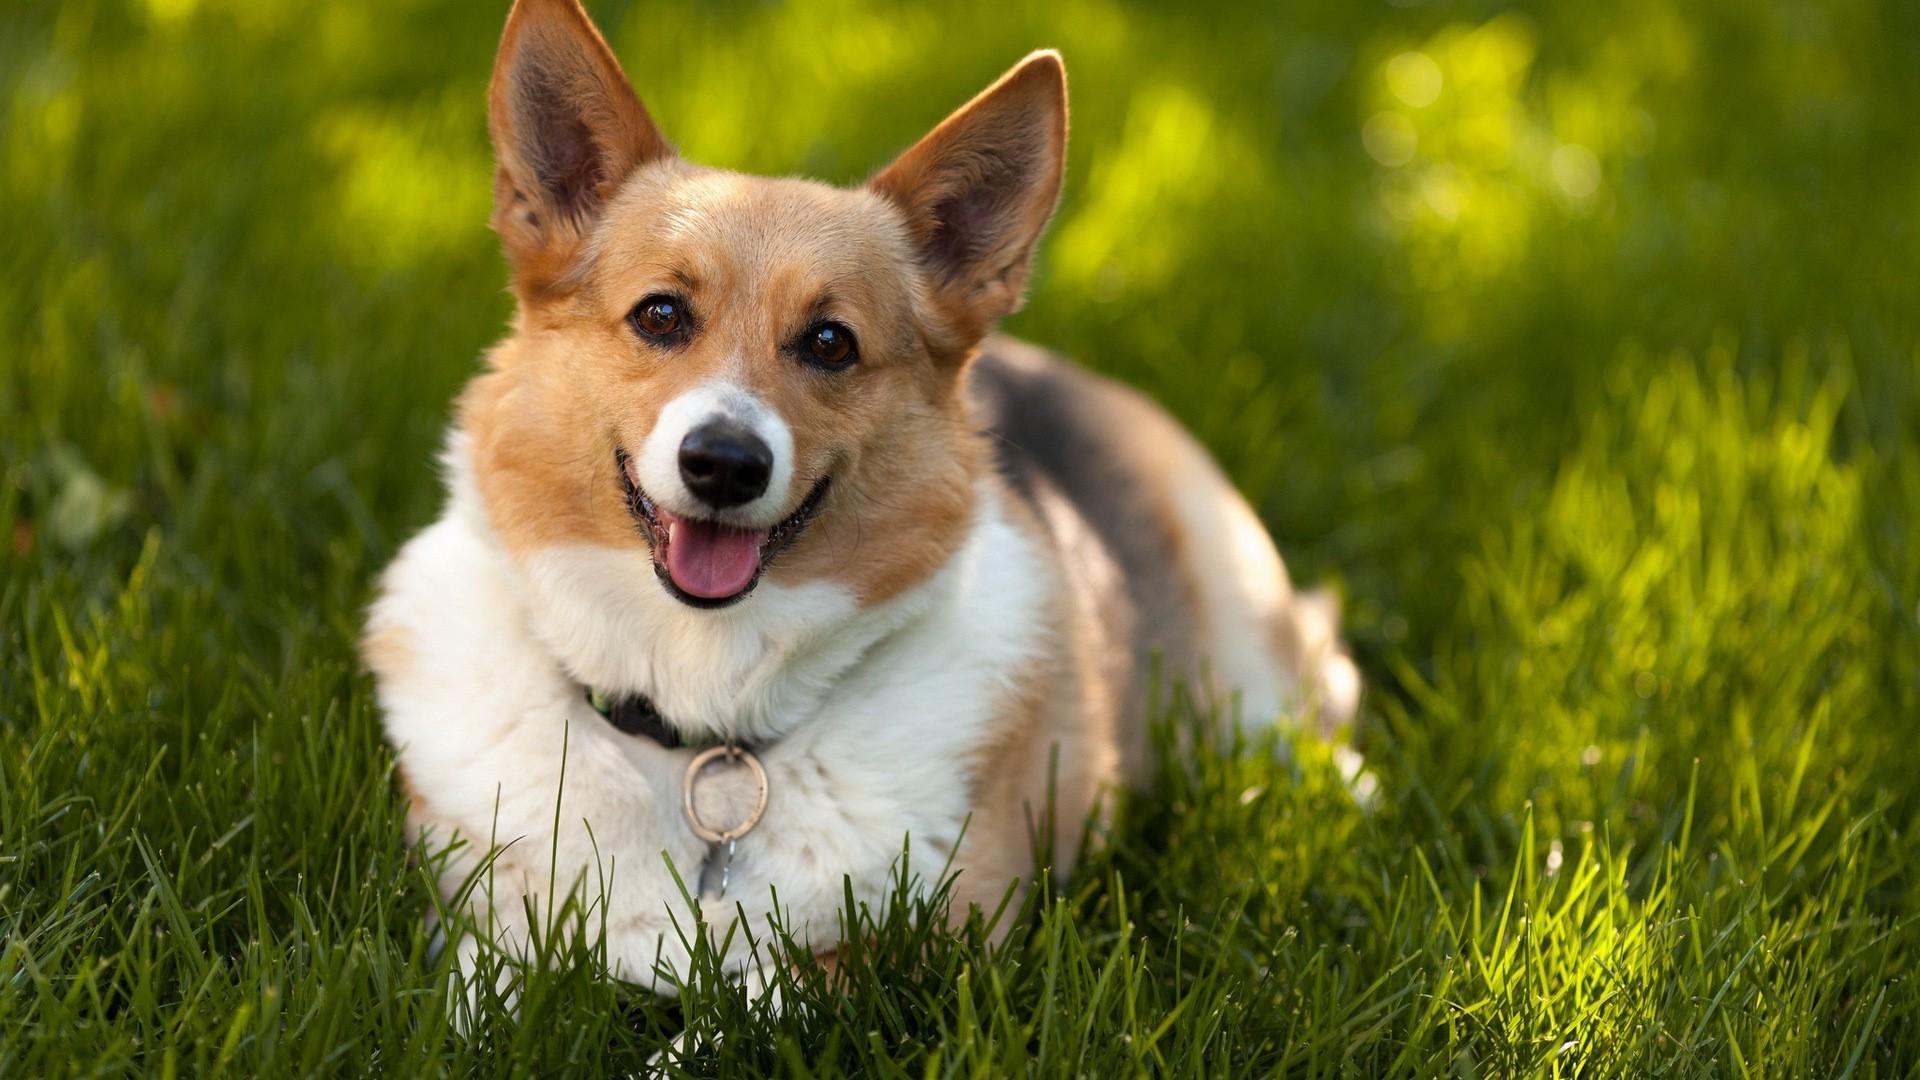 корги порода собак знакомство с породой